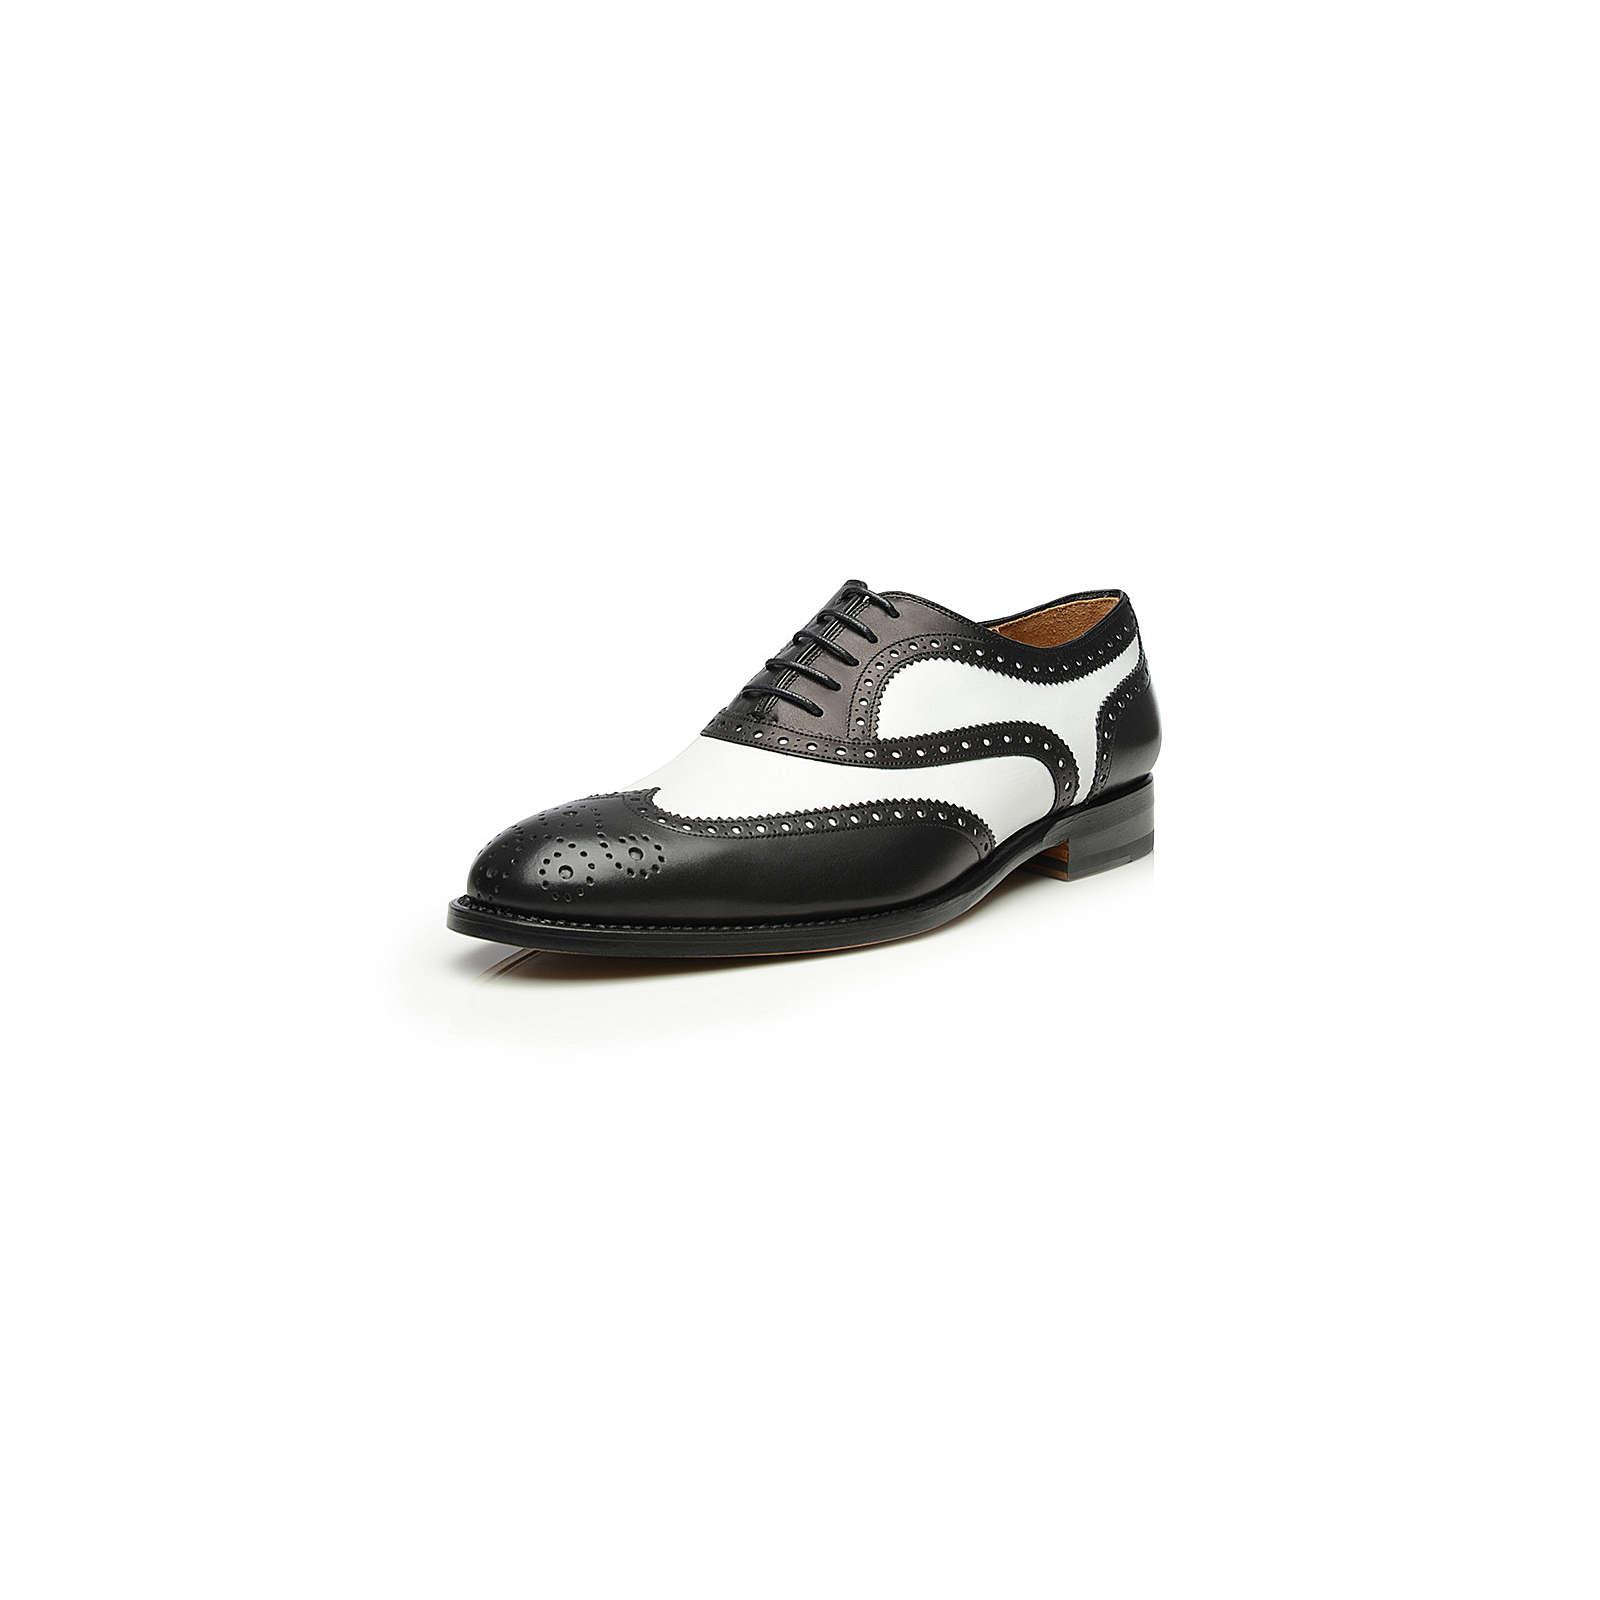 SHOEPASSION No. 380 Business Schuhe schwarz Herren Gr. 38